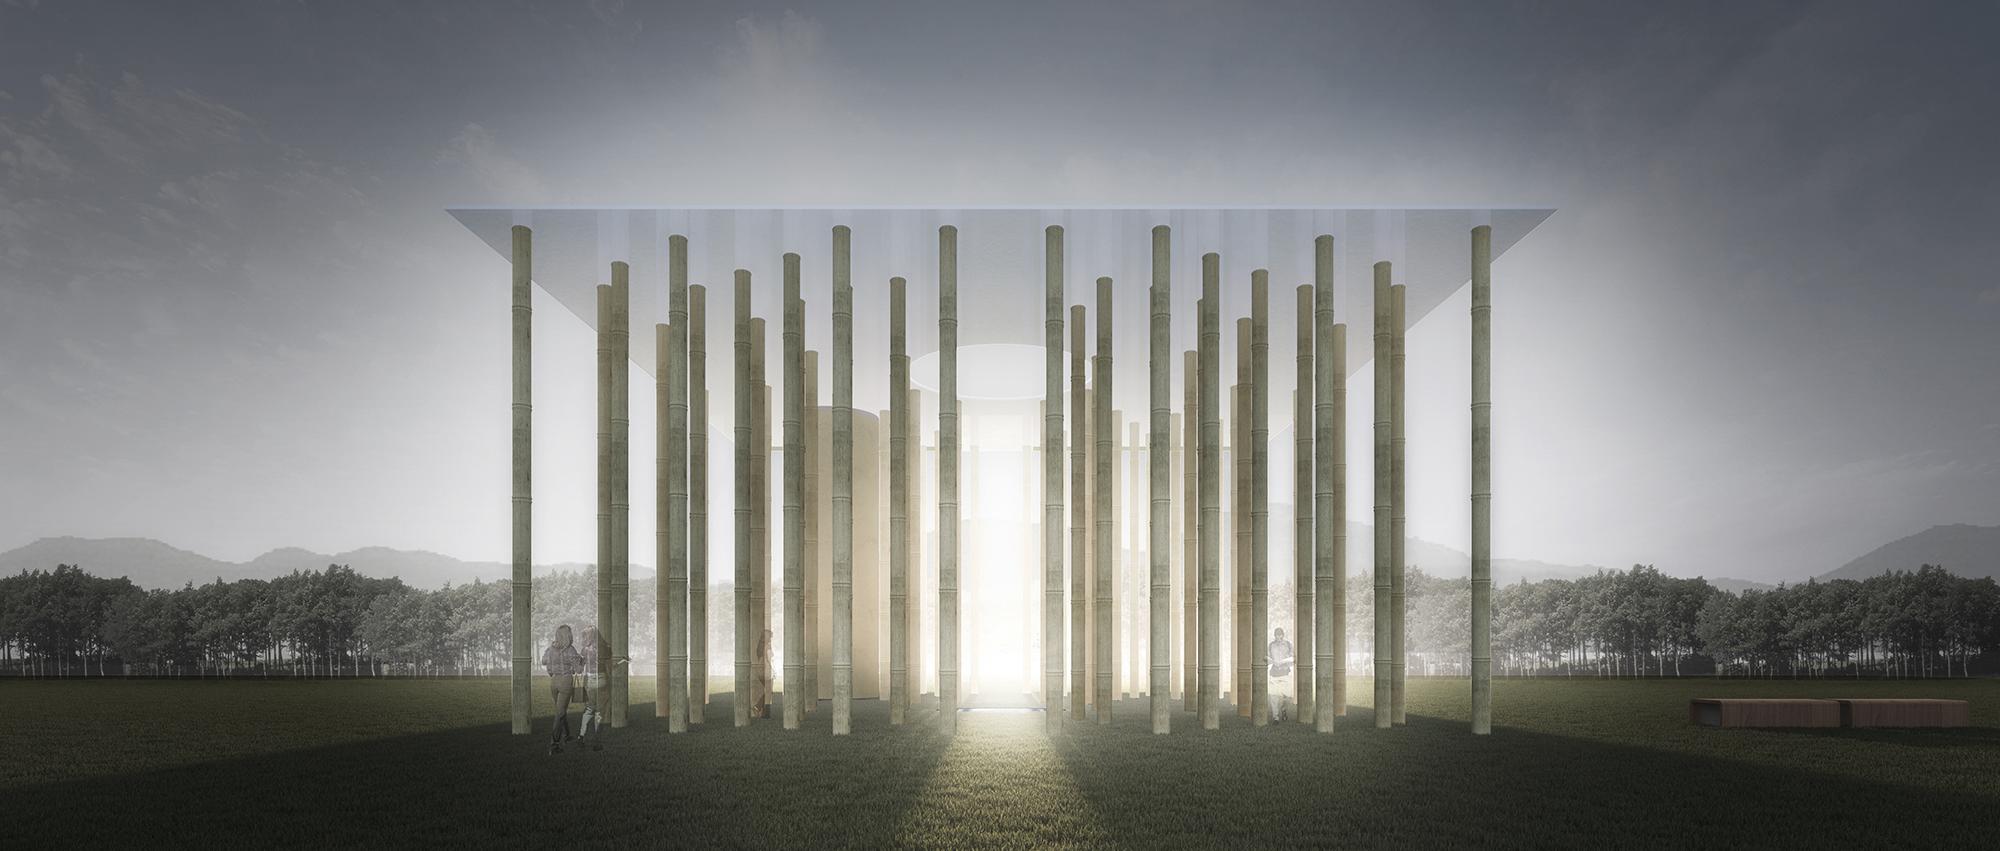 光影森林:SHADOW PAVILION COMPETITION 竞赛入围提案